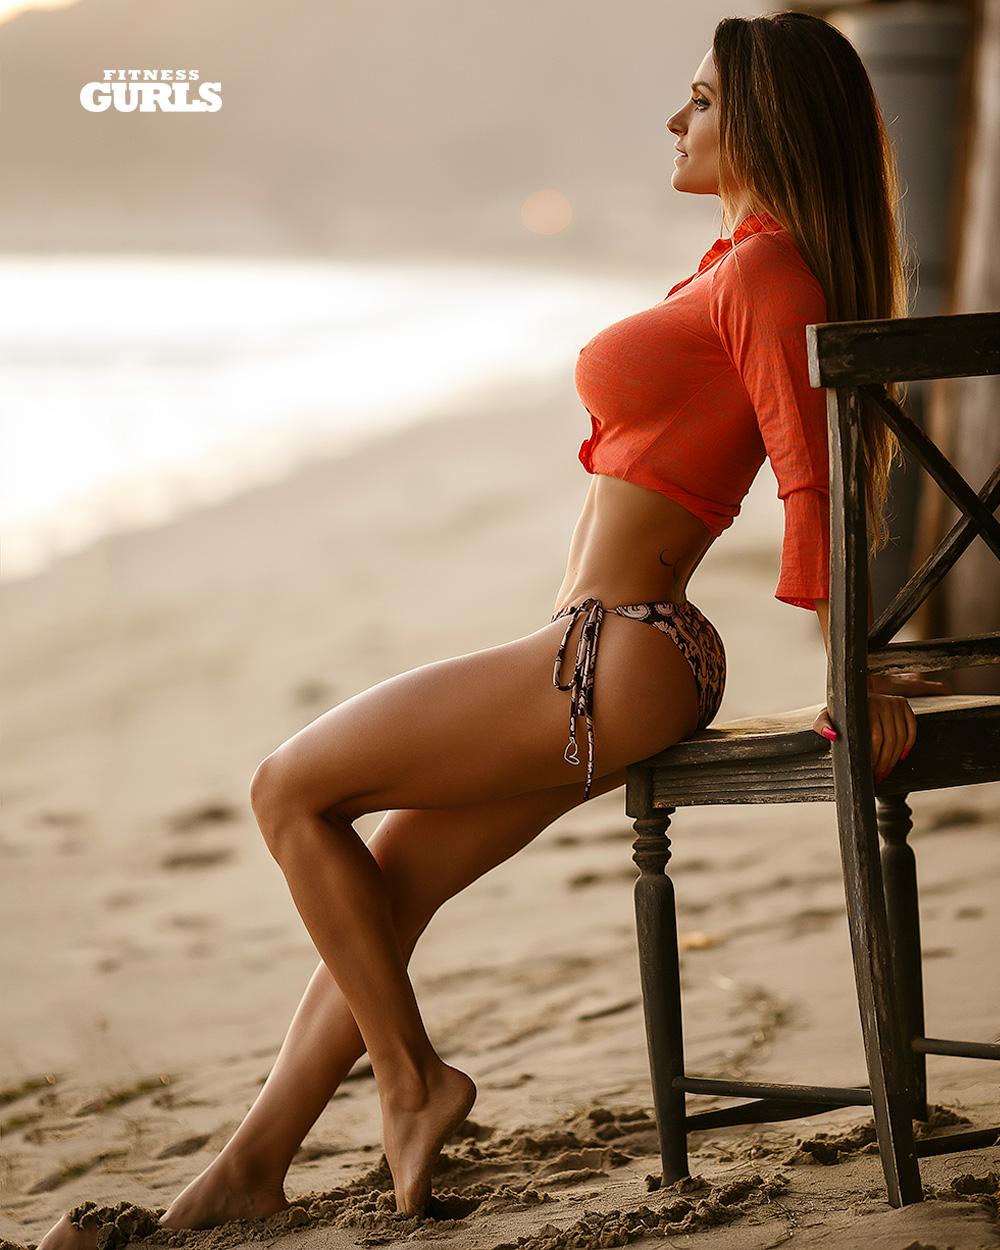 nienna jade topless